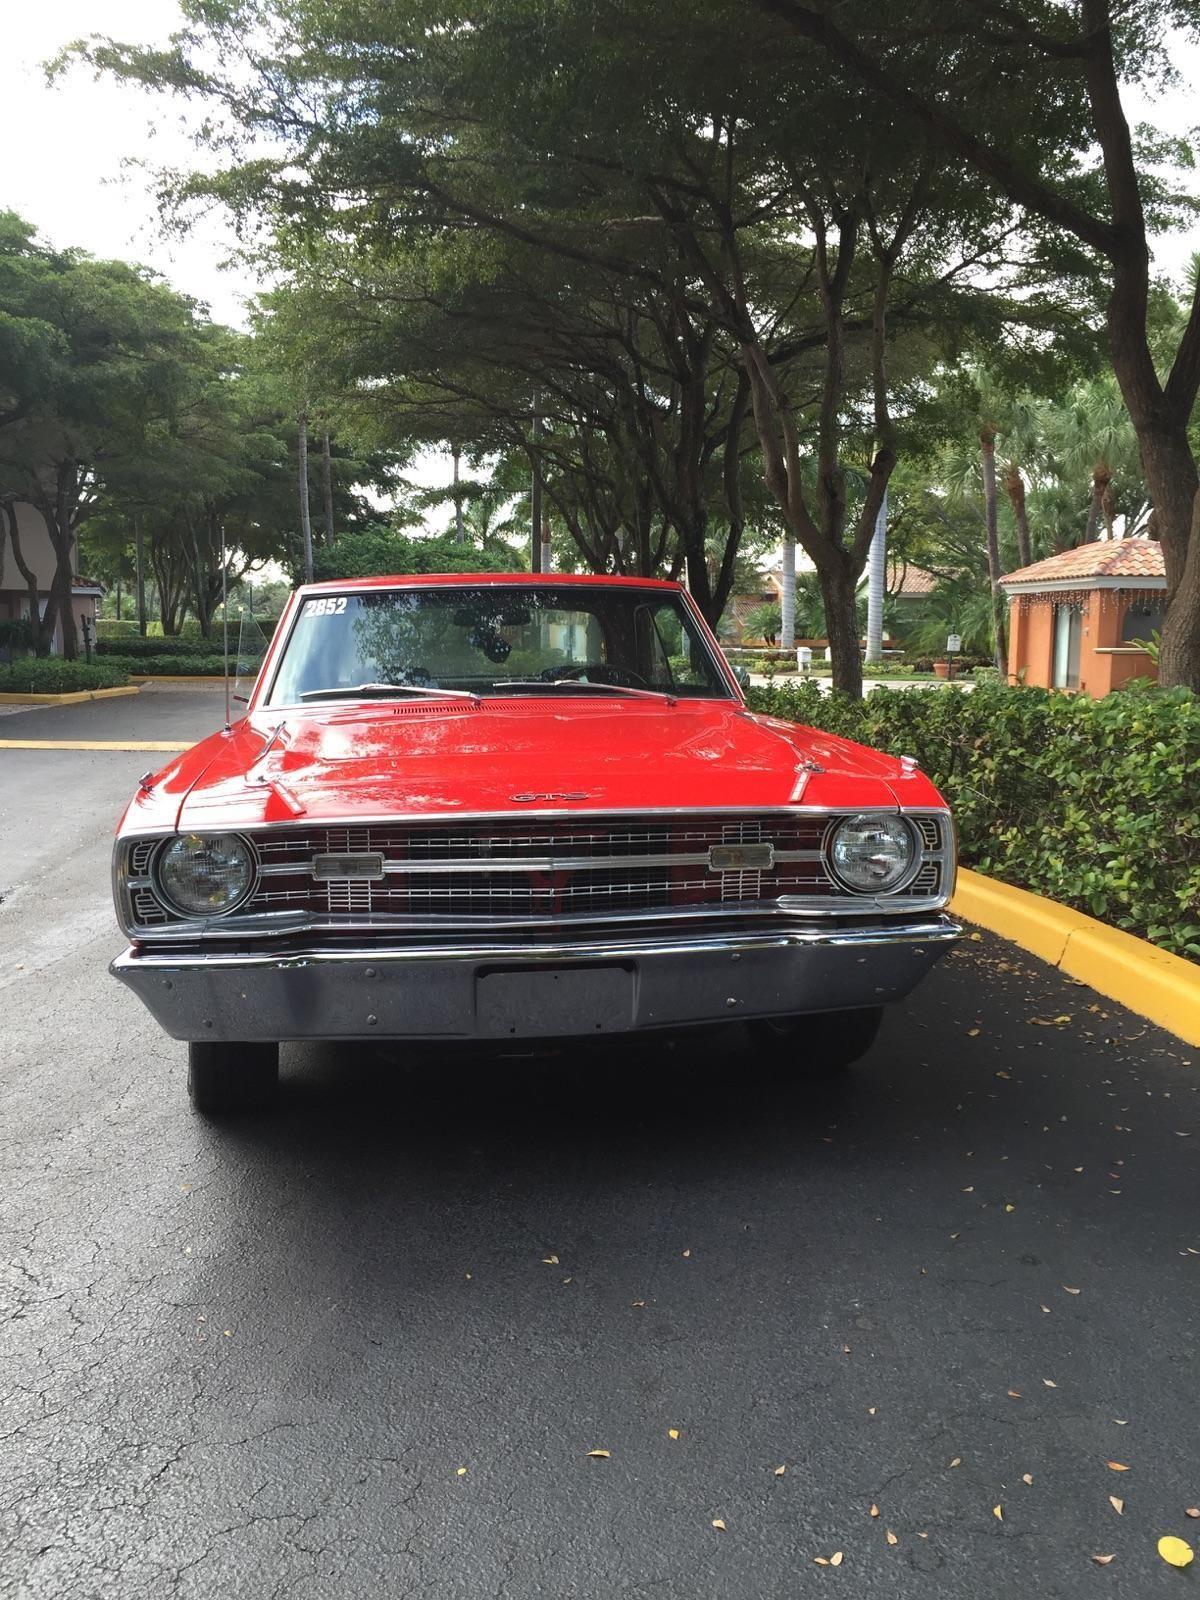 1969 Dodge Charger Rt: 1969 Dodge Dart GTS Hardtop 2-Door 5.6L